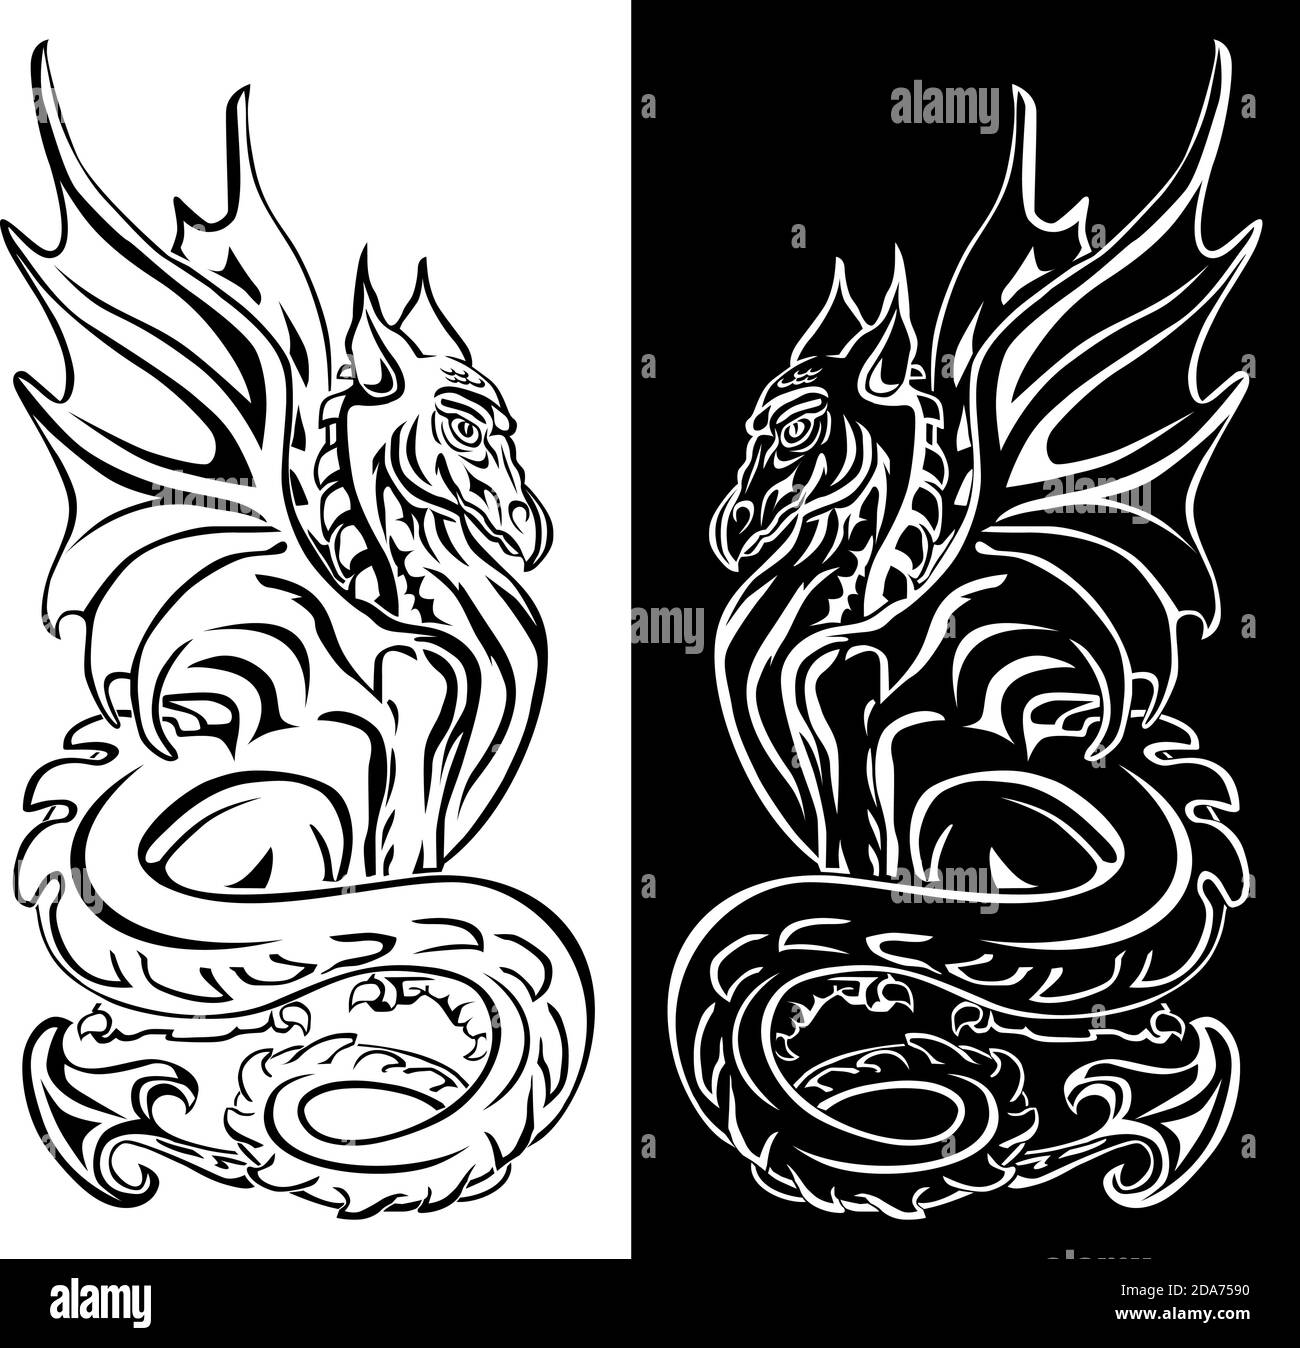 Tattoos bilder drachen SKIN STORIES